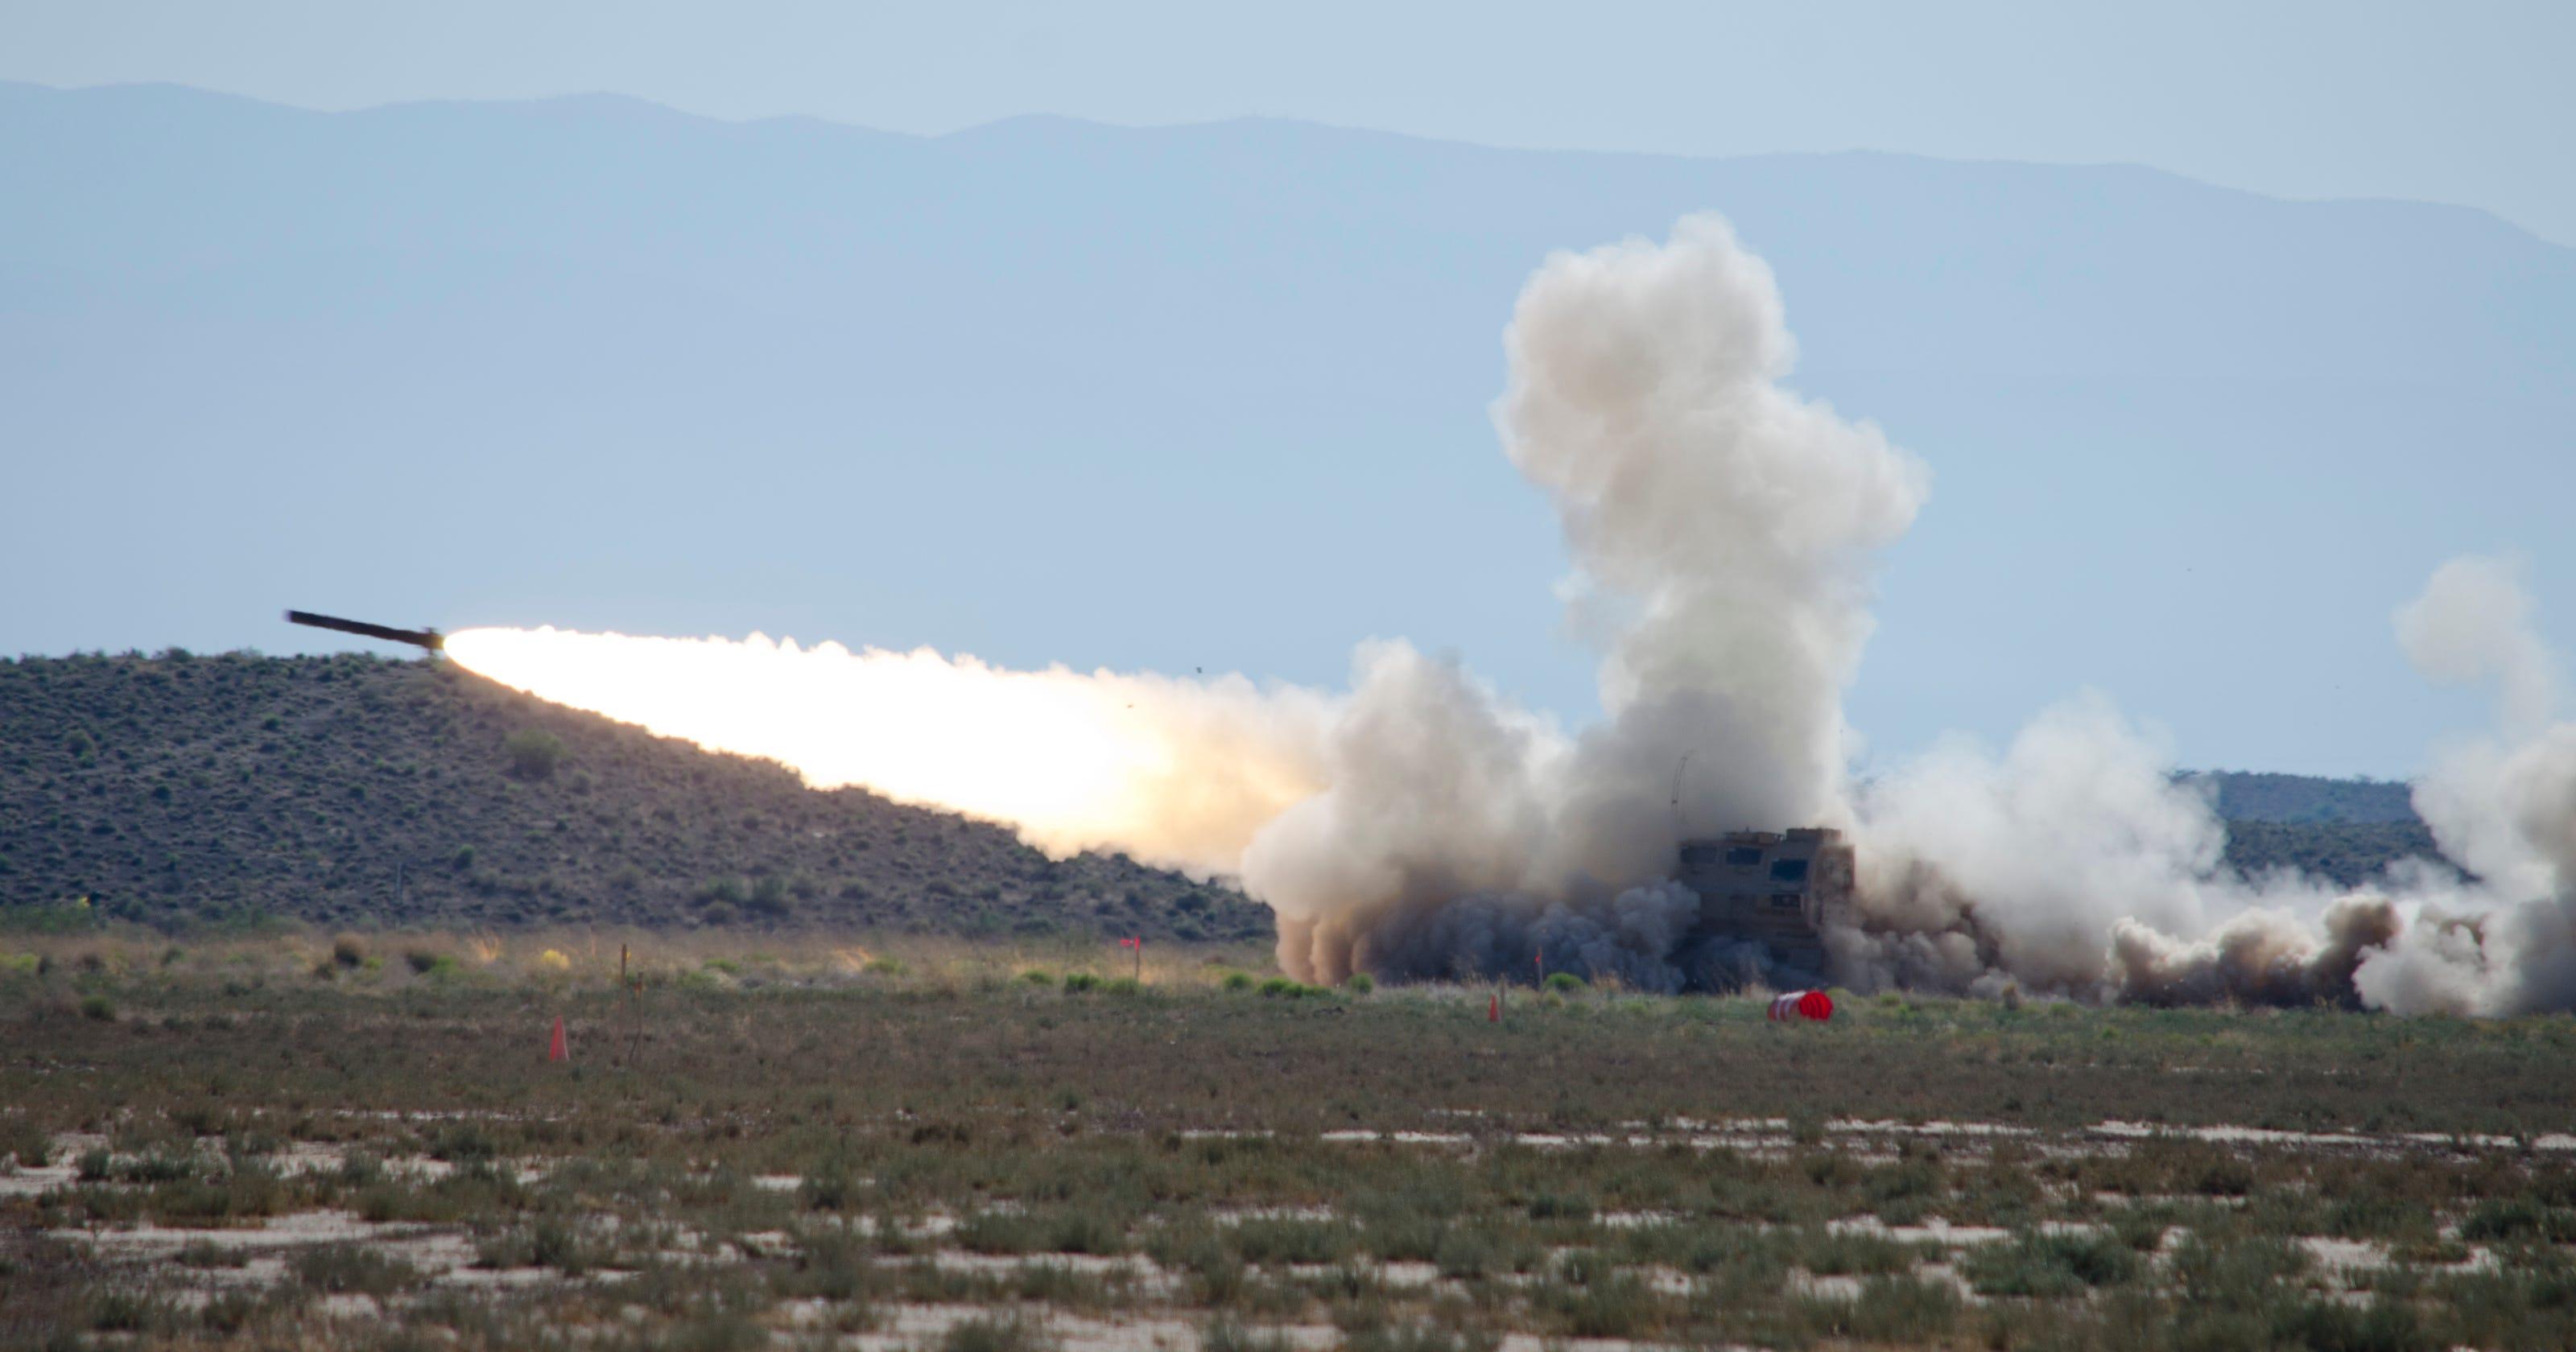 White Sands Missile Range test missile streaks across